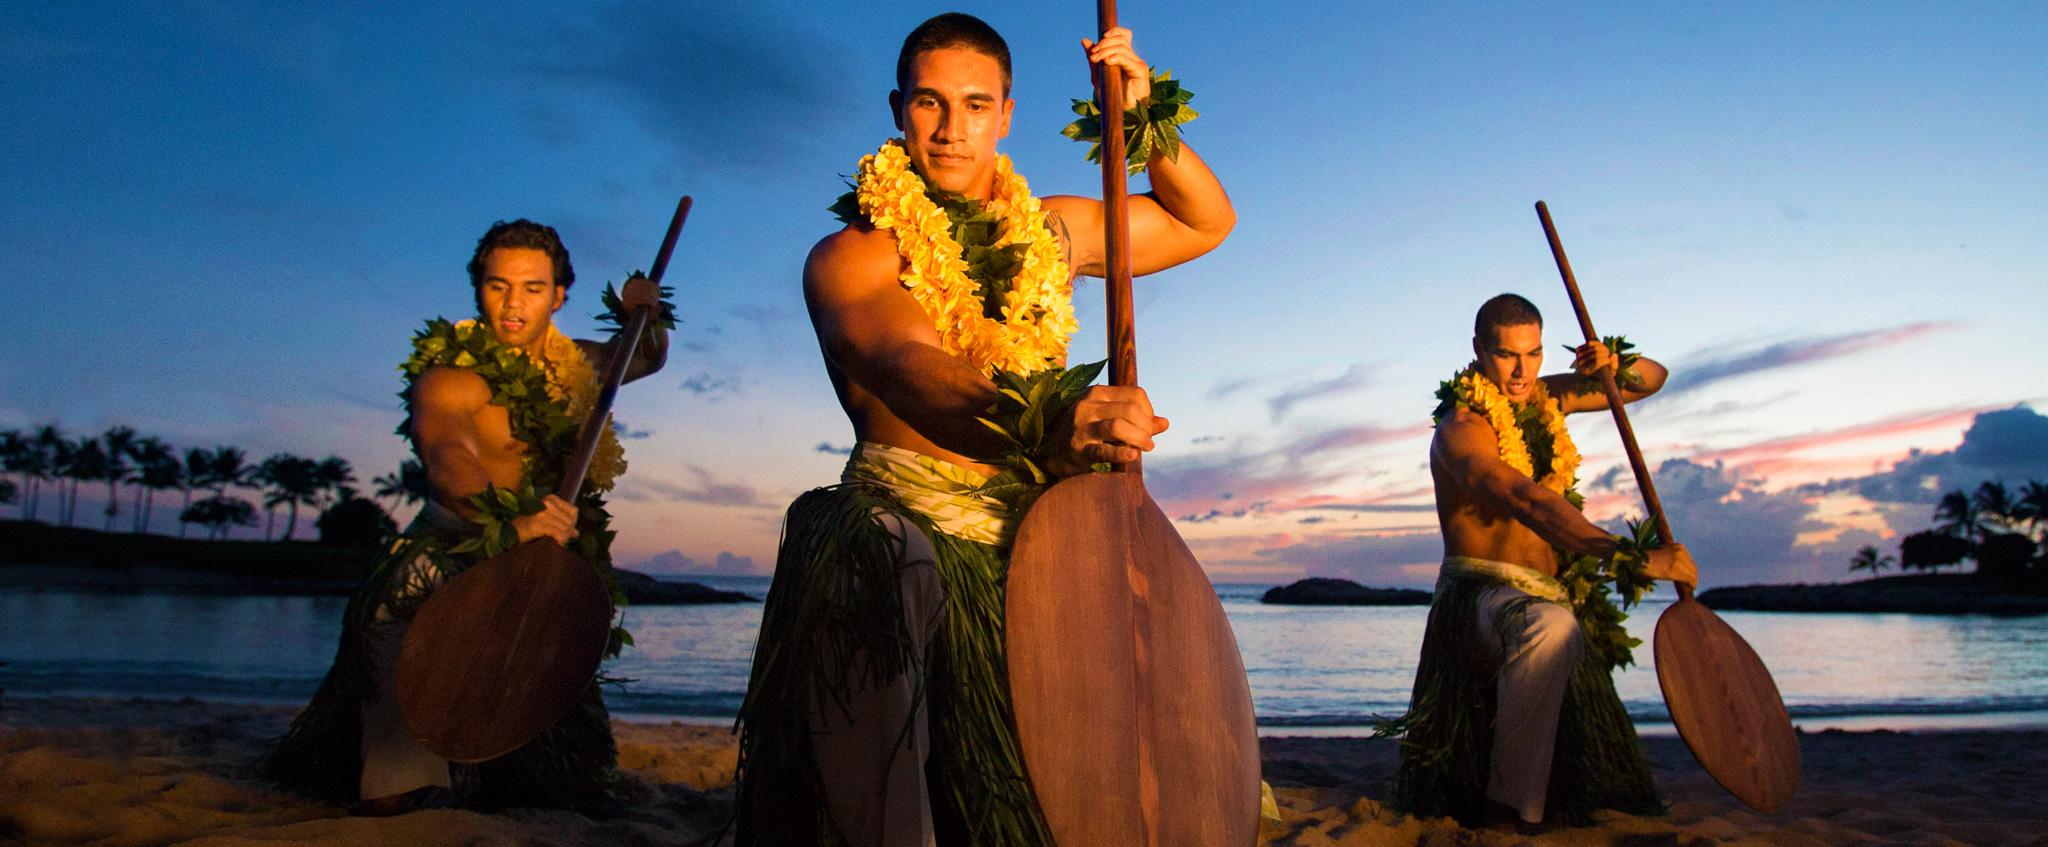 アウラニのビーチでパフォーマンスをするハワイアン・ダンサー